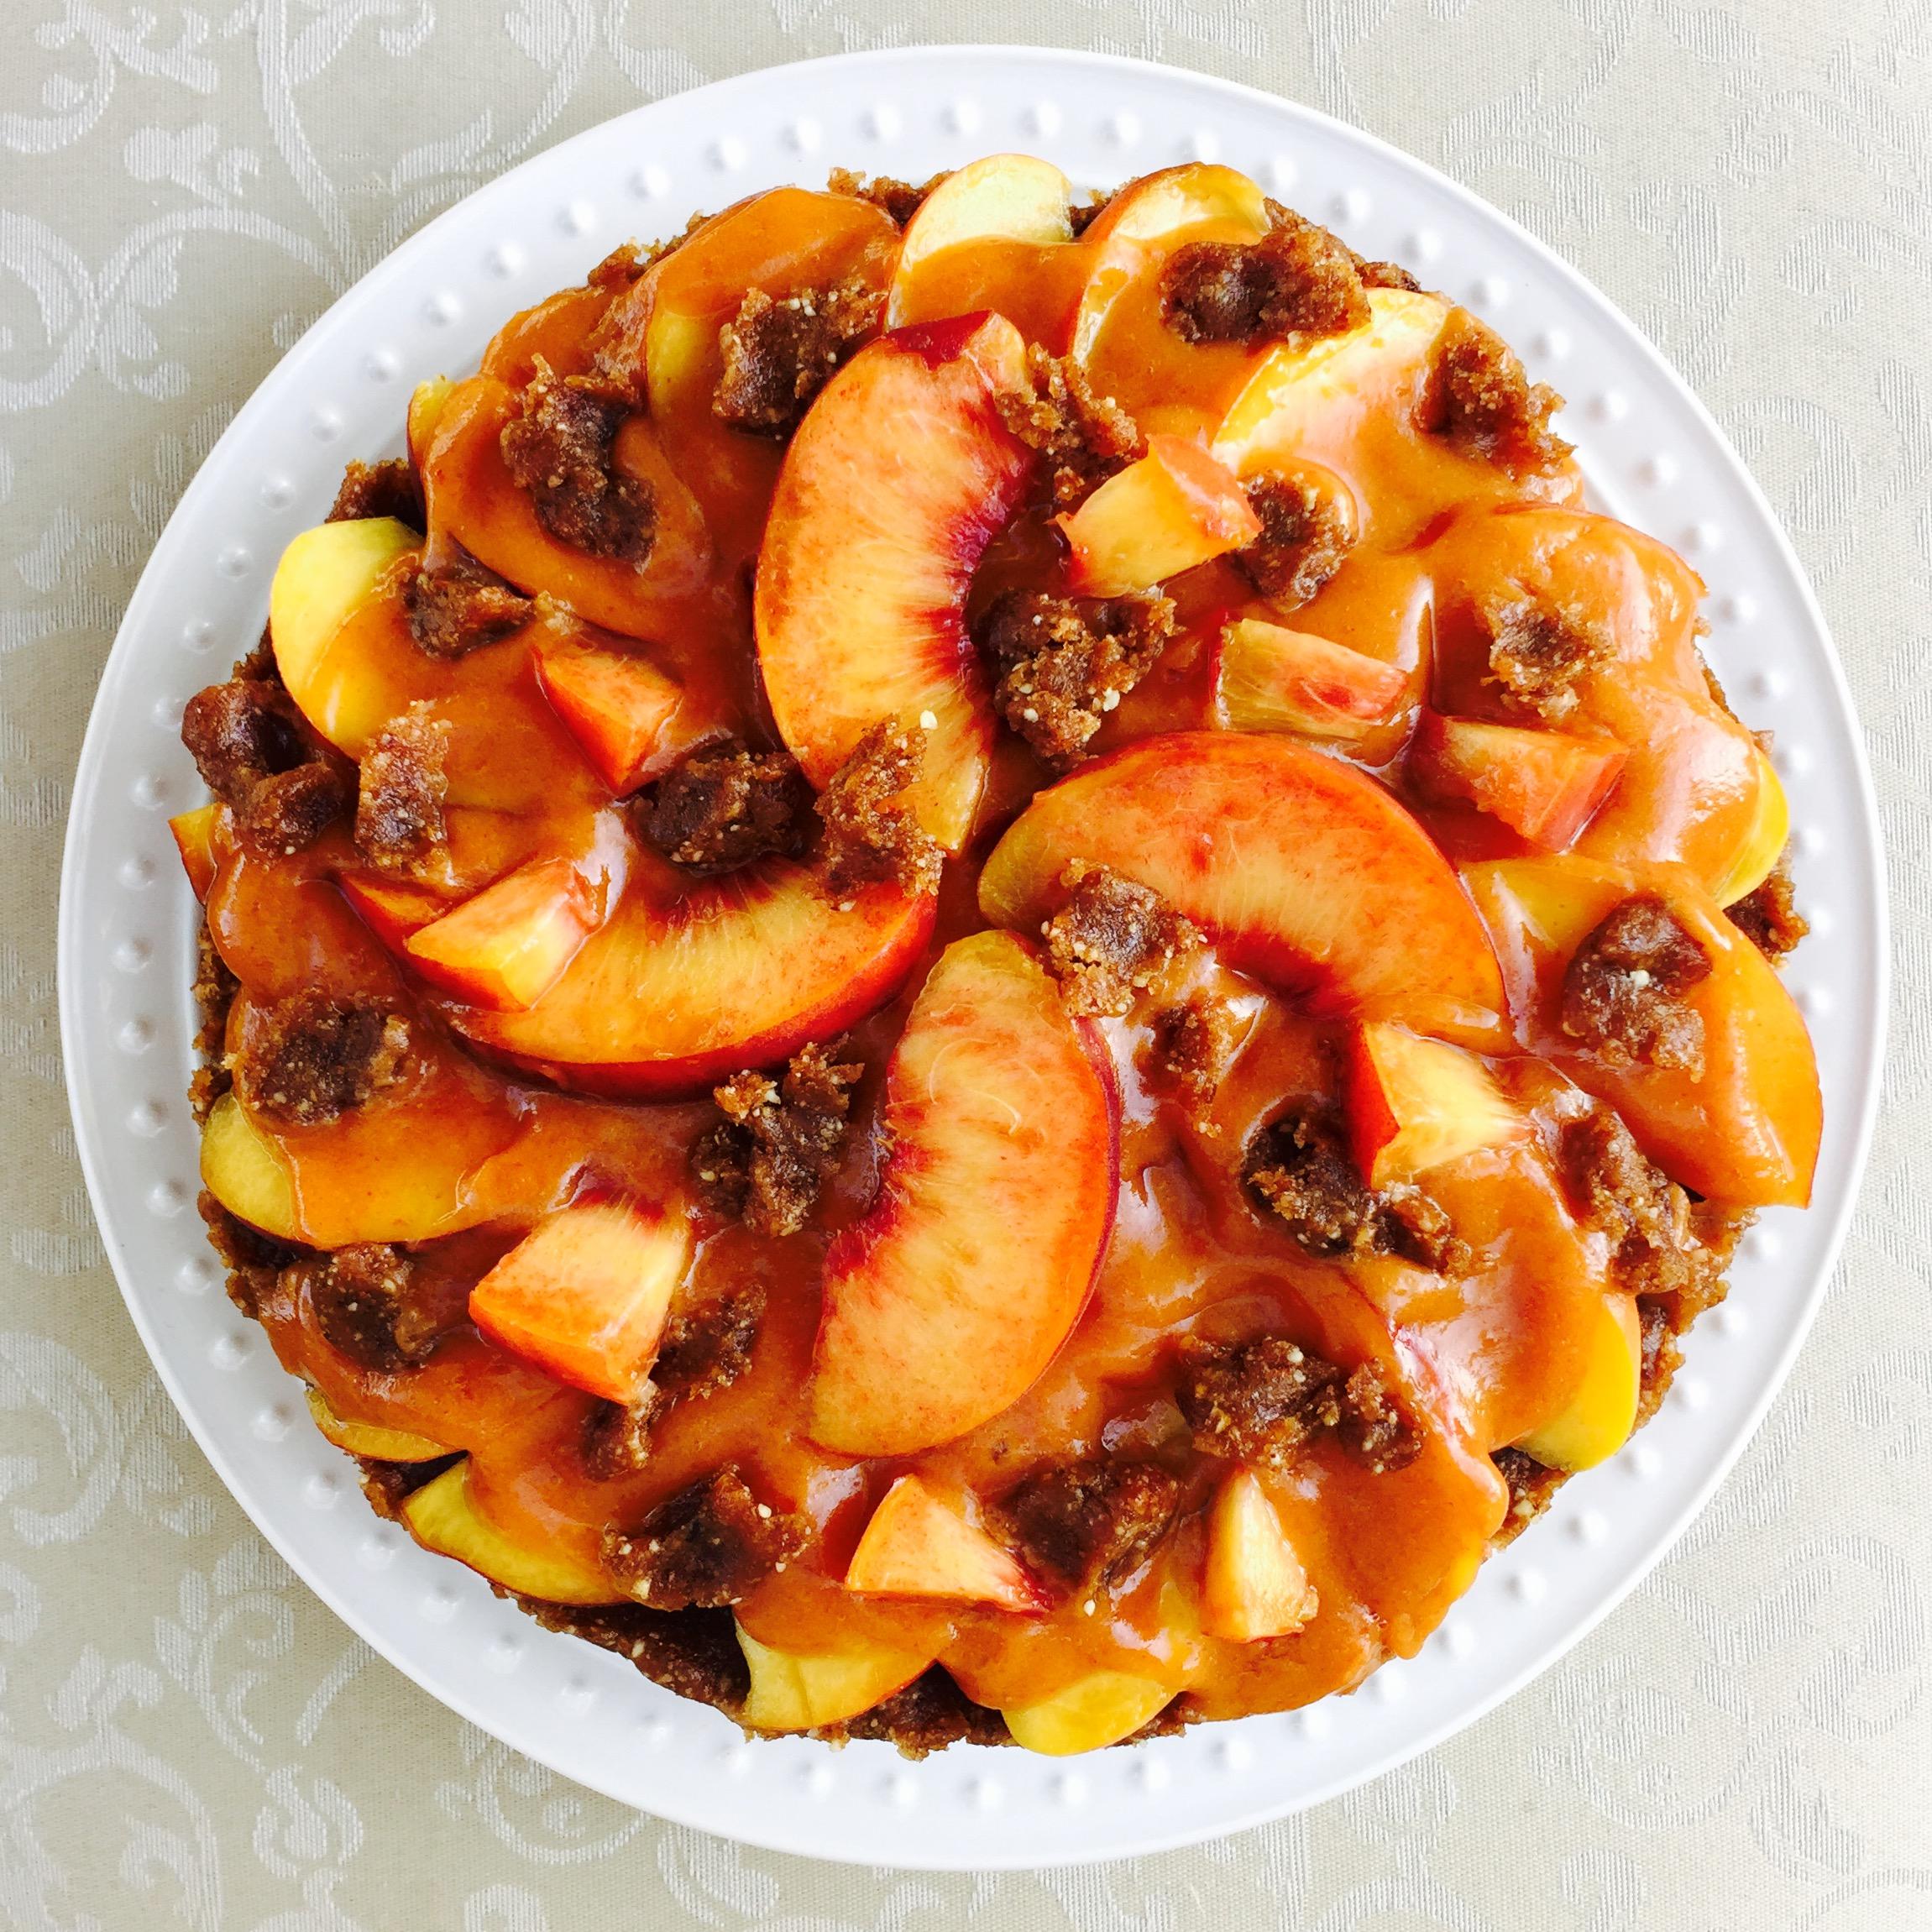 Easy raw dessert no sugar no oil Eat to Live Program friendly recipe